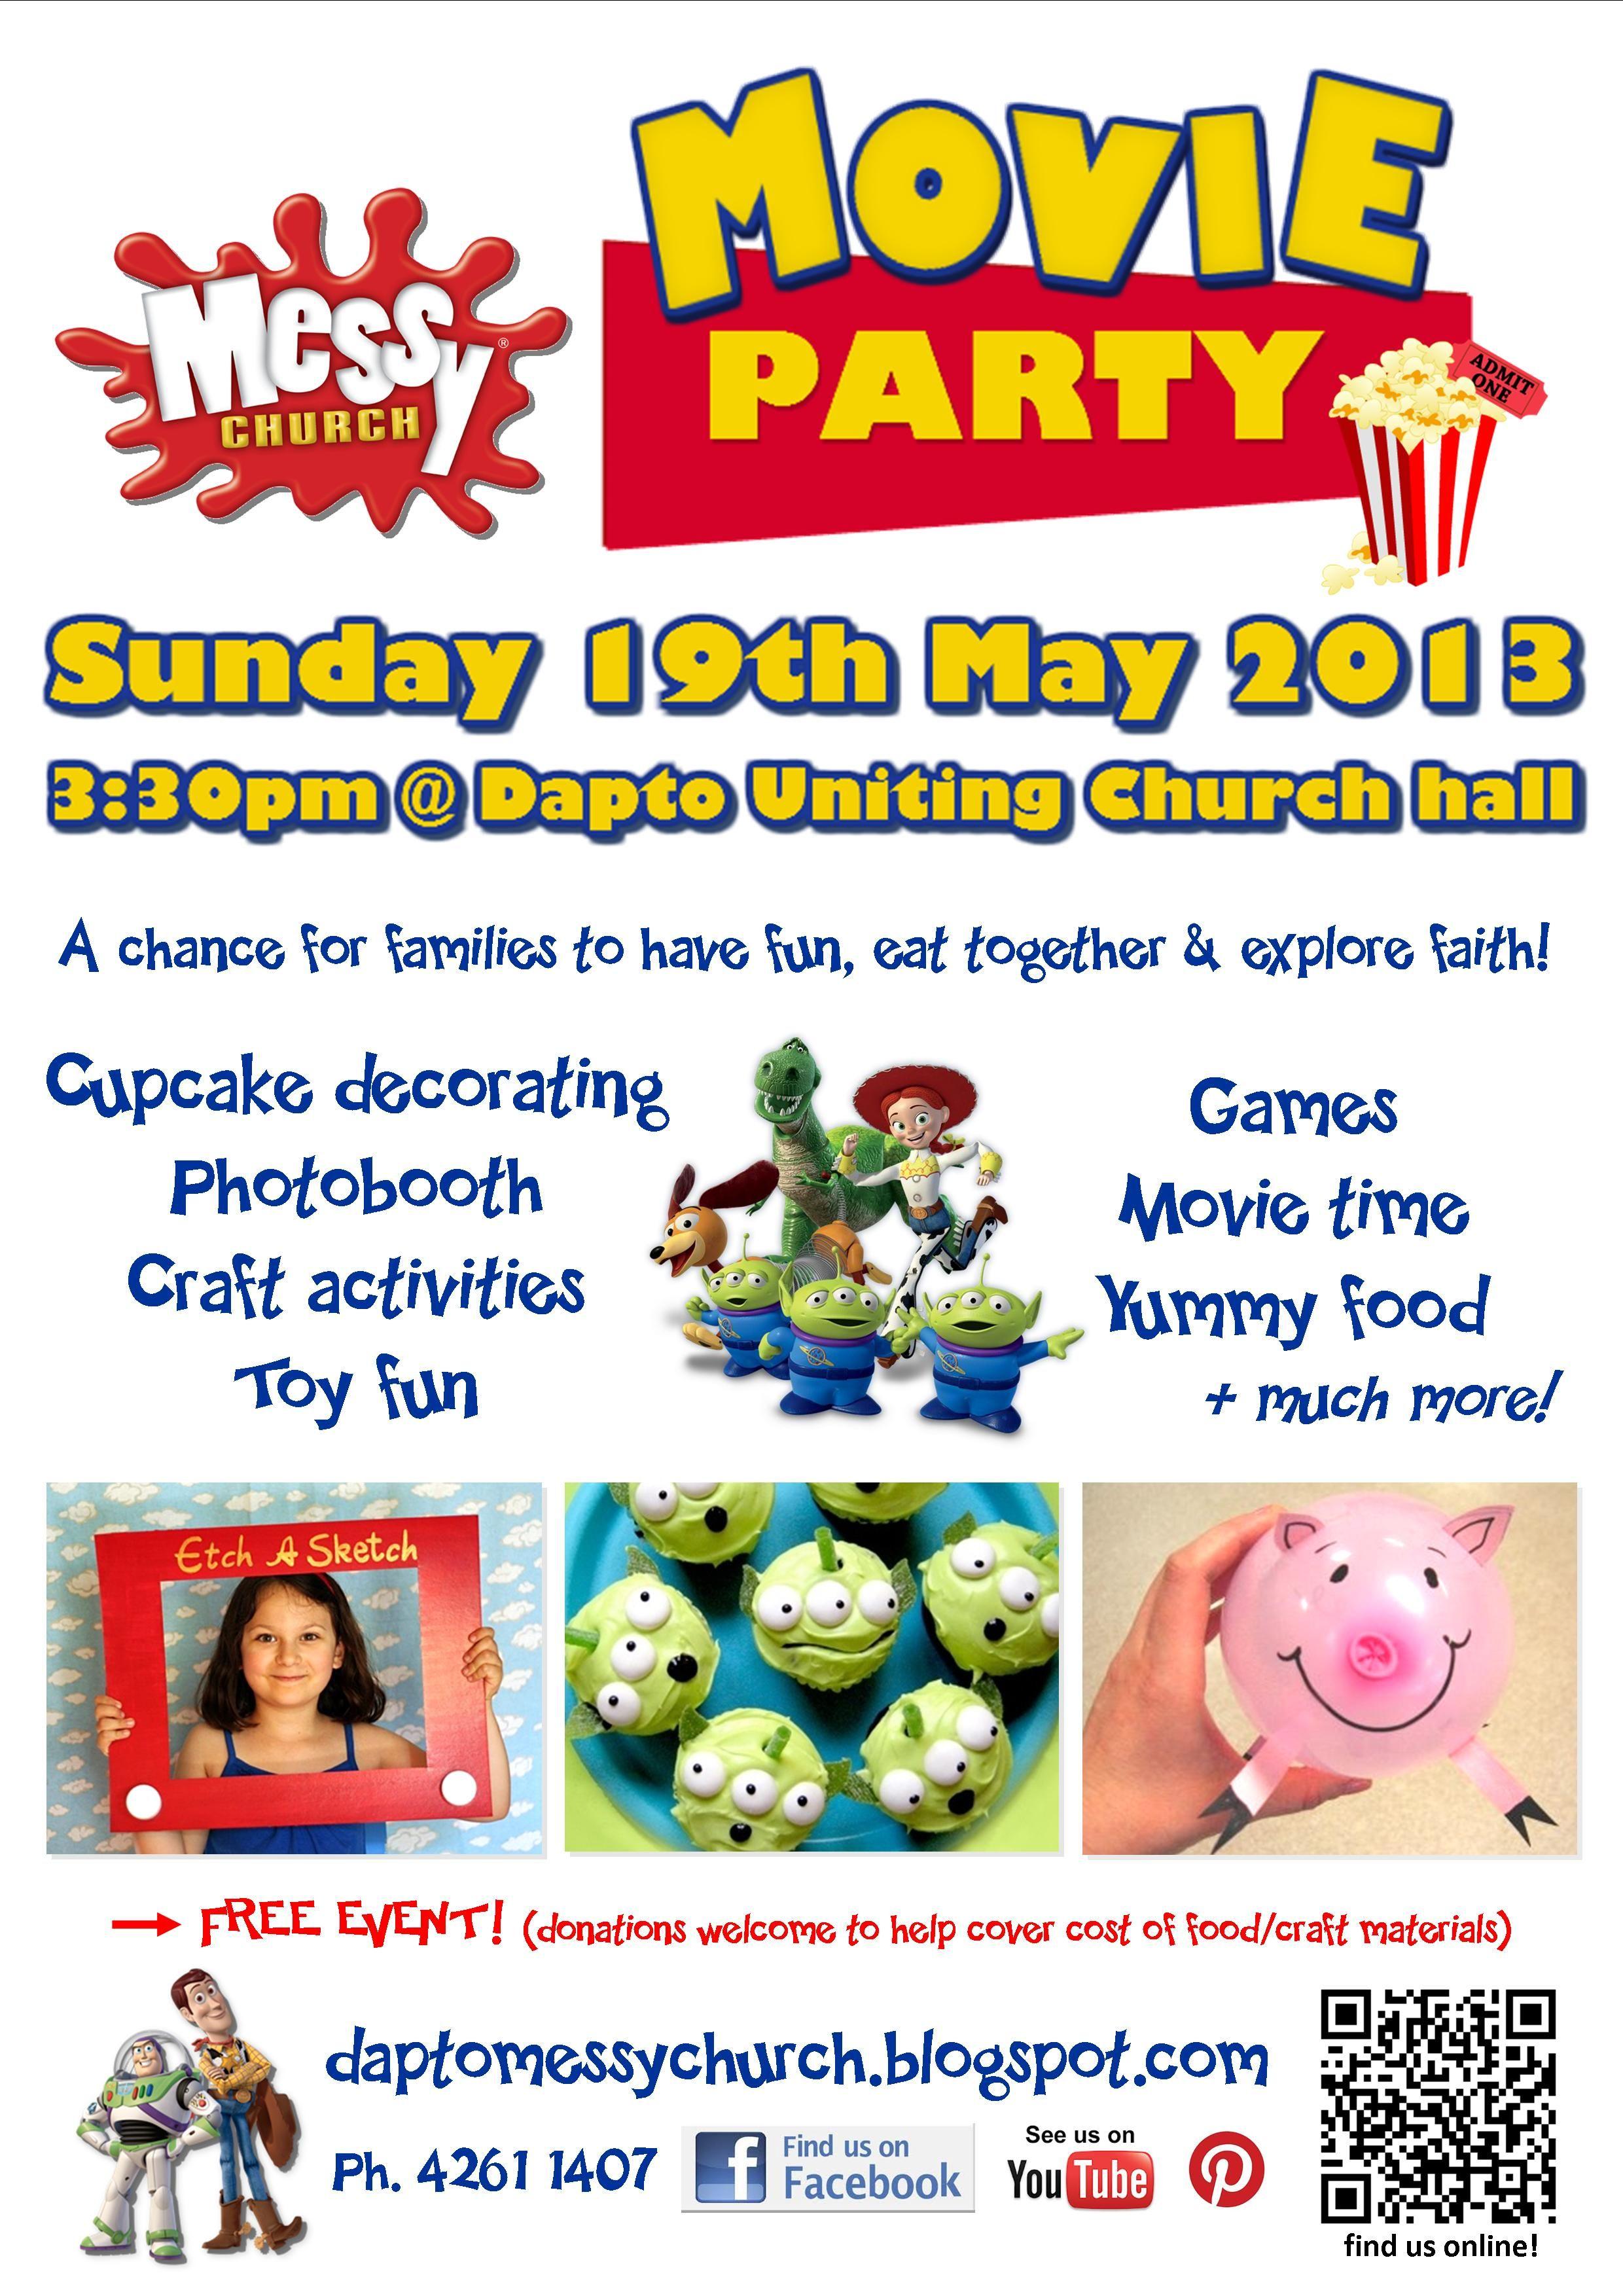 Dapto Messy Church Toy Story Themed Movie Party Invite (May